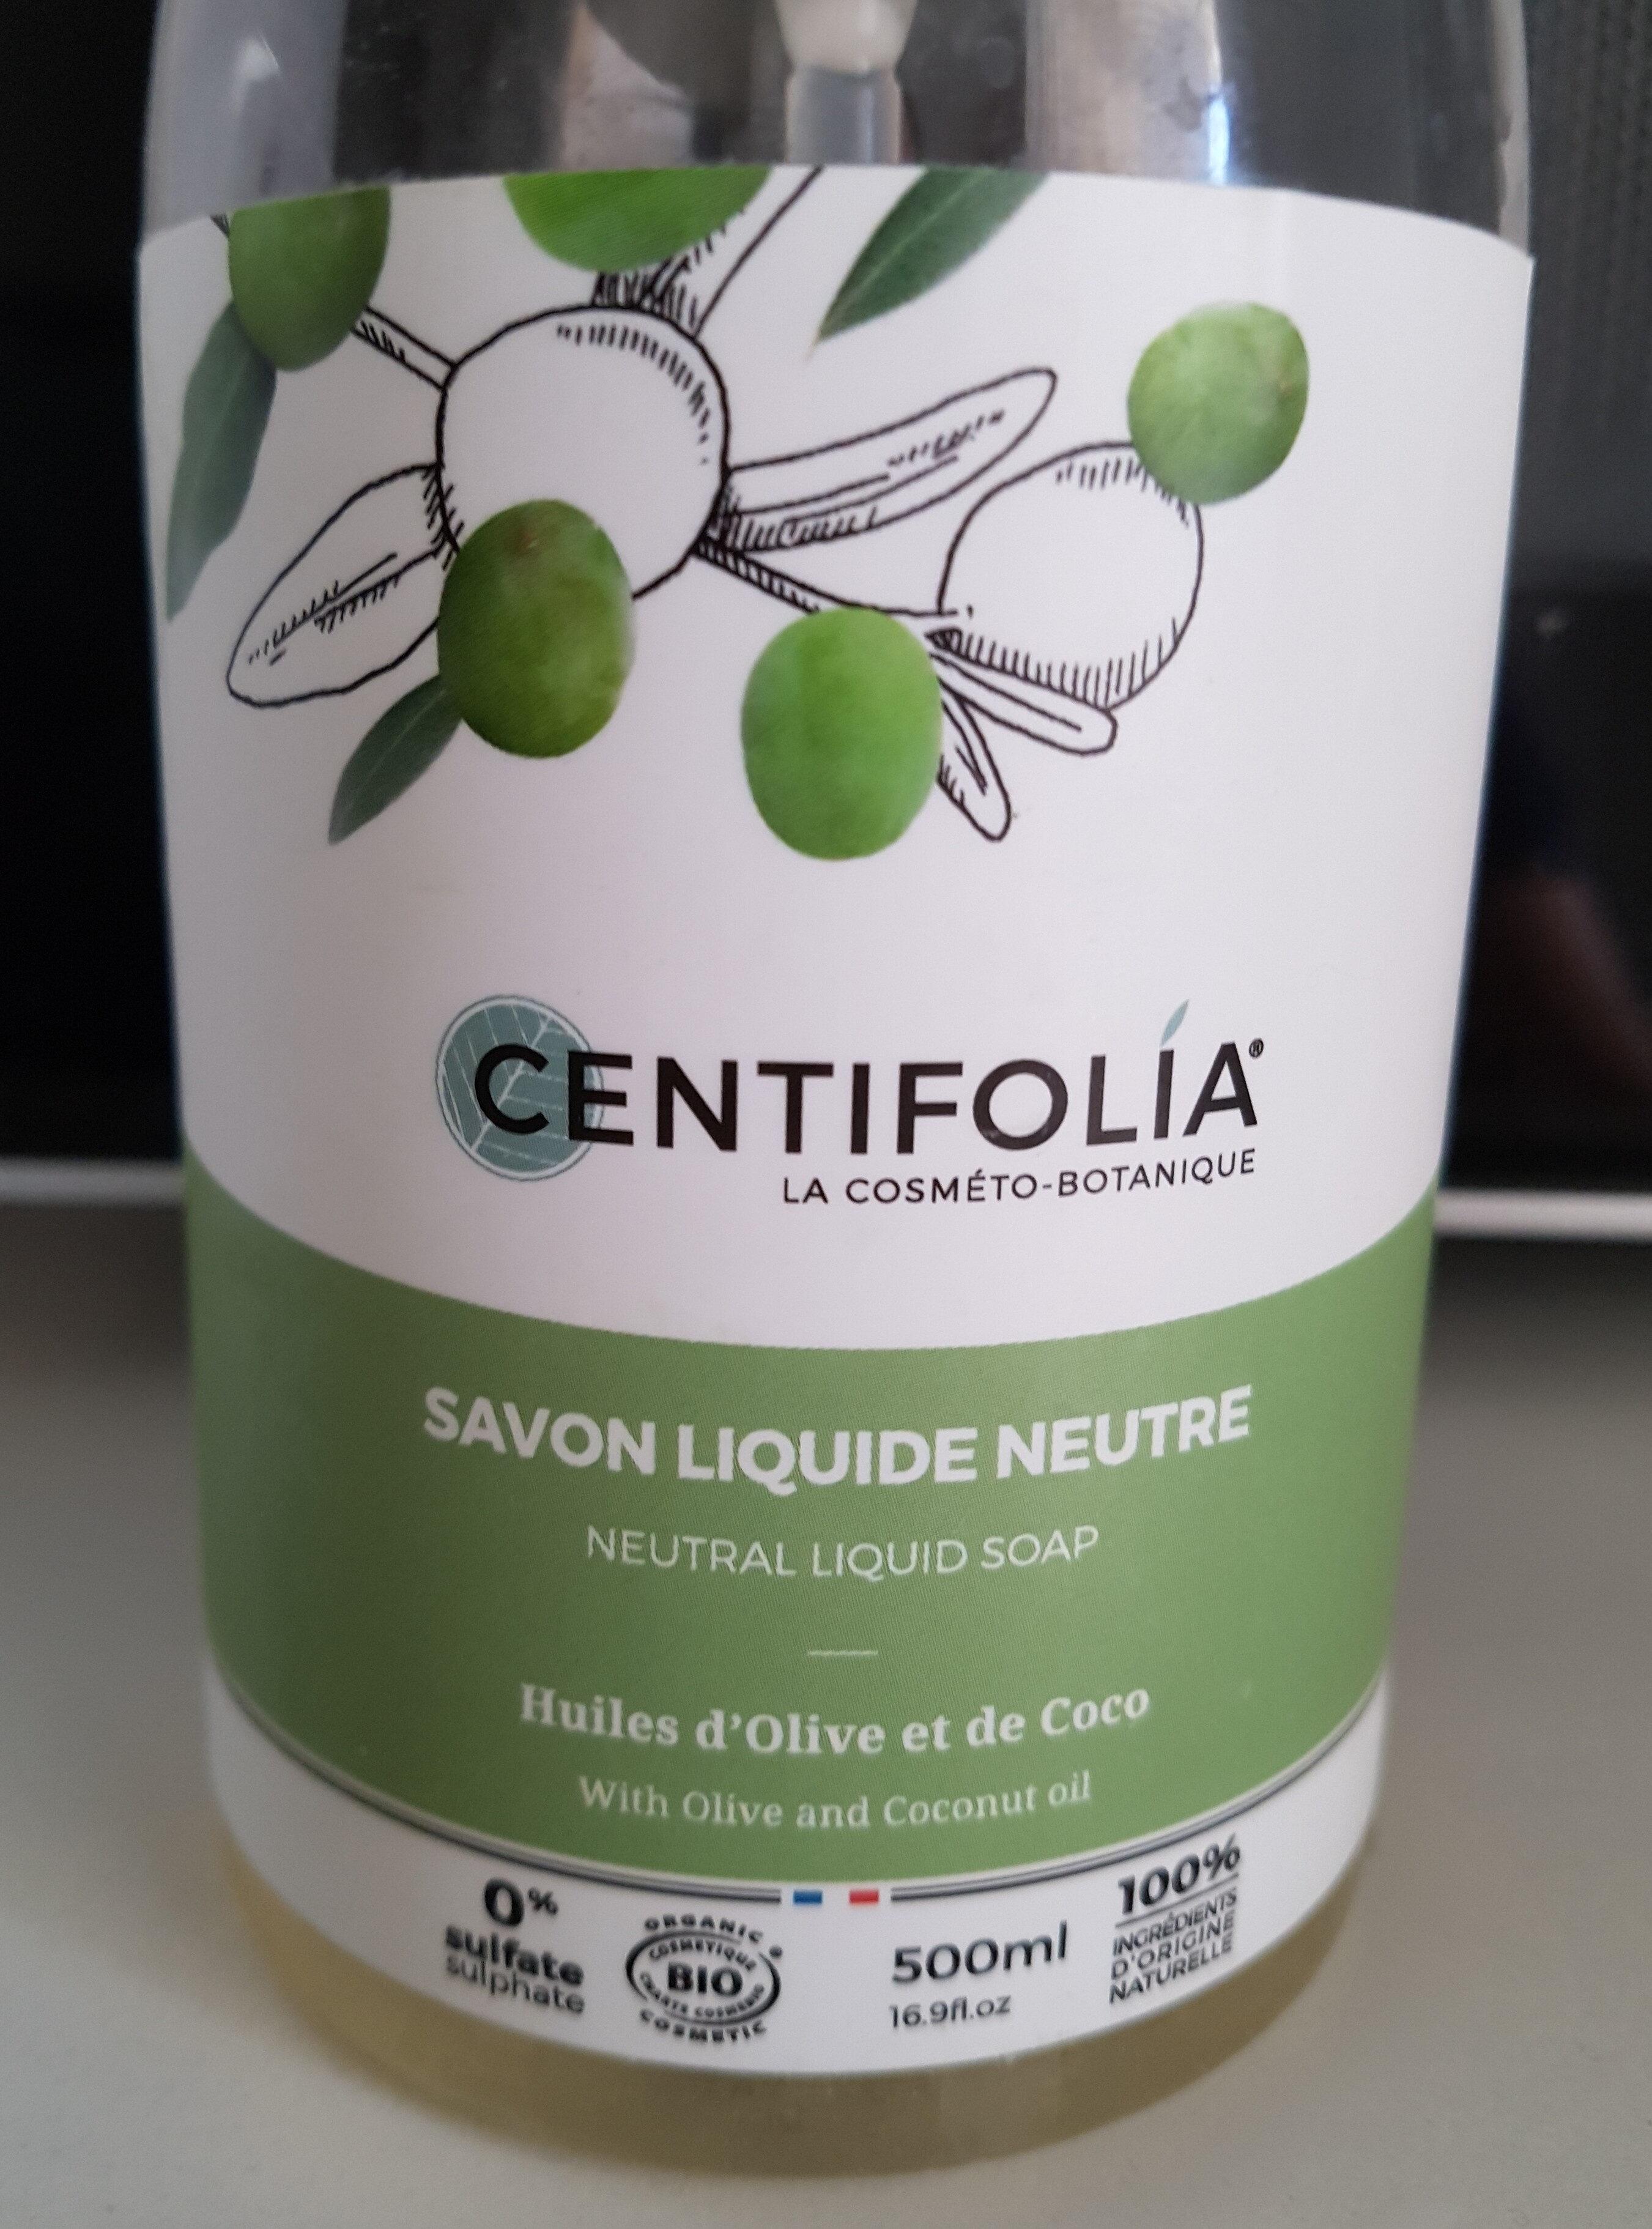 Savon liquide neutre - Produit - fr